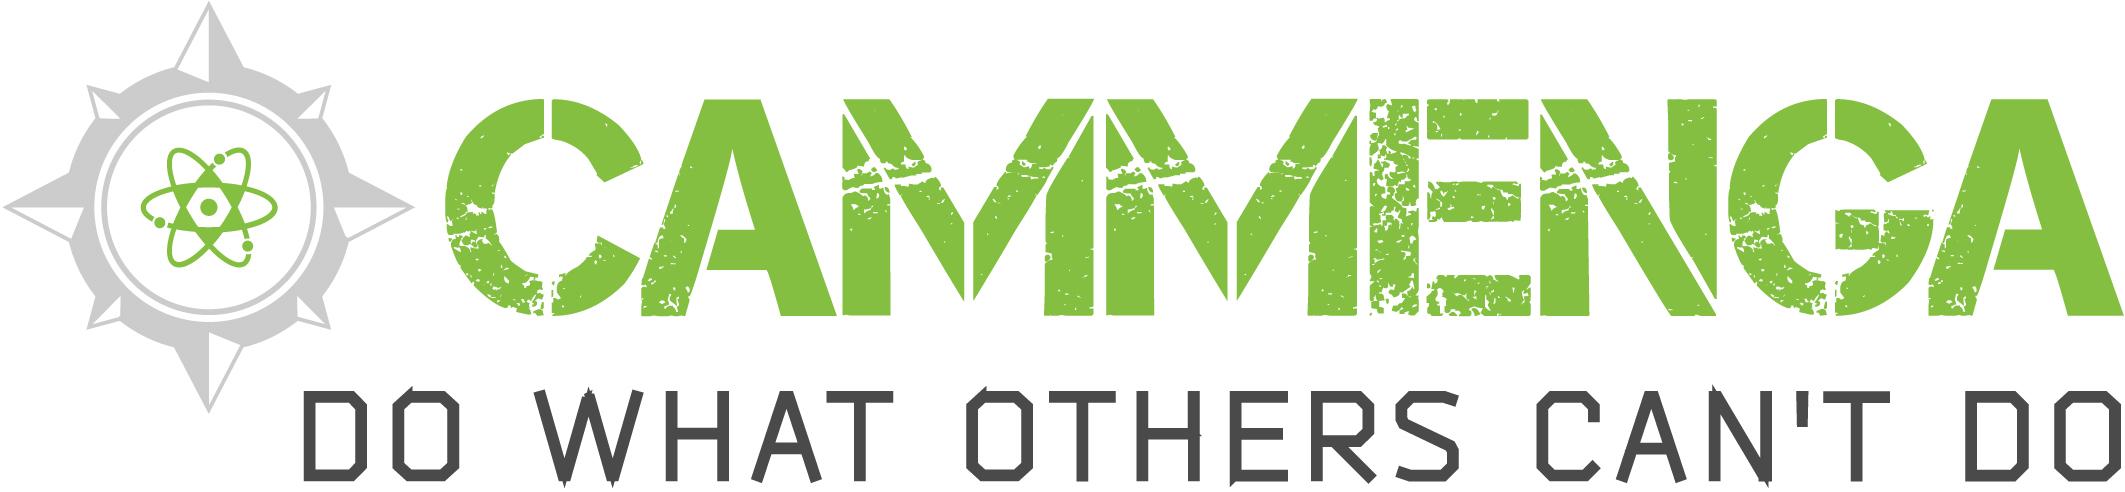 Cammenga-logo-2019.jpg